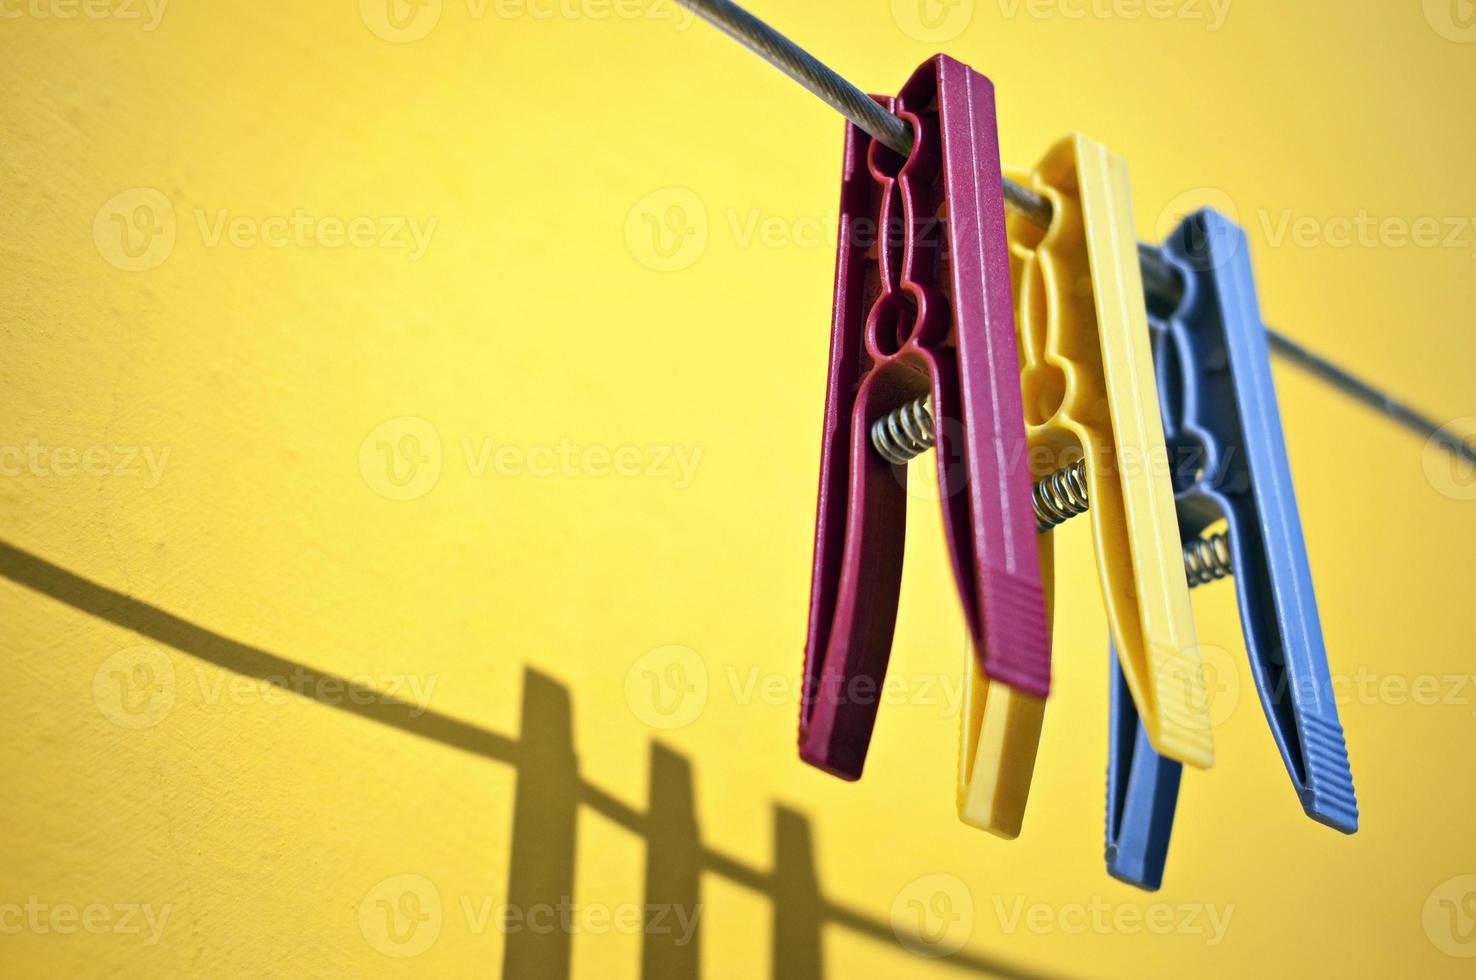 pinces à linge colorées photo